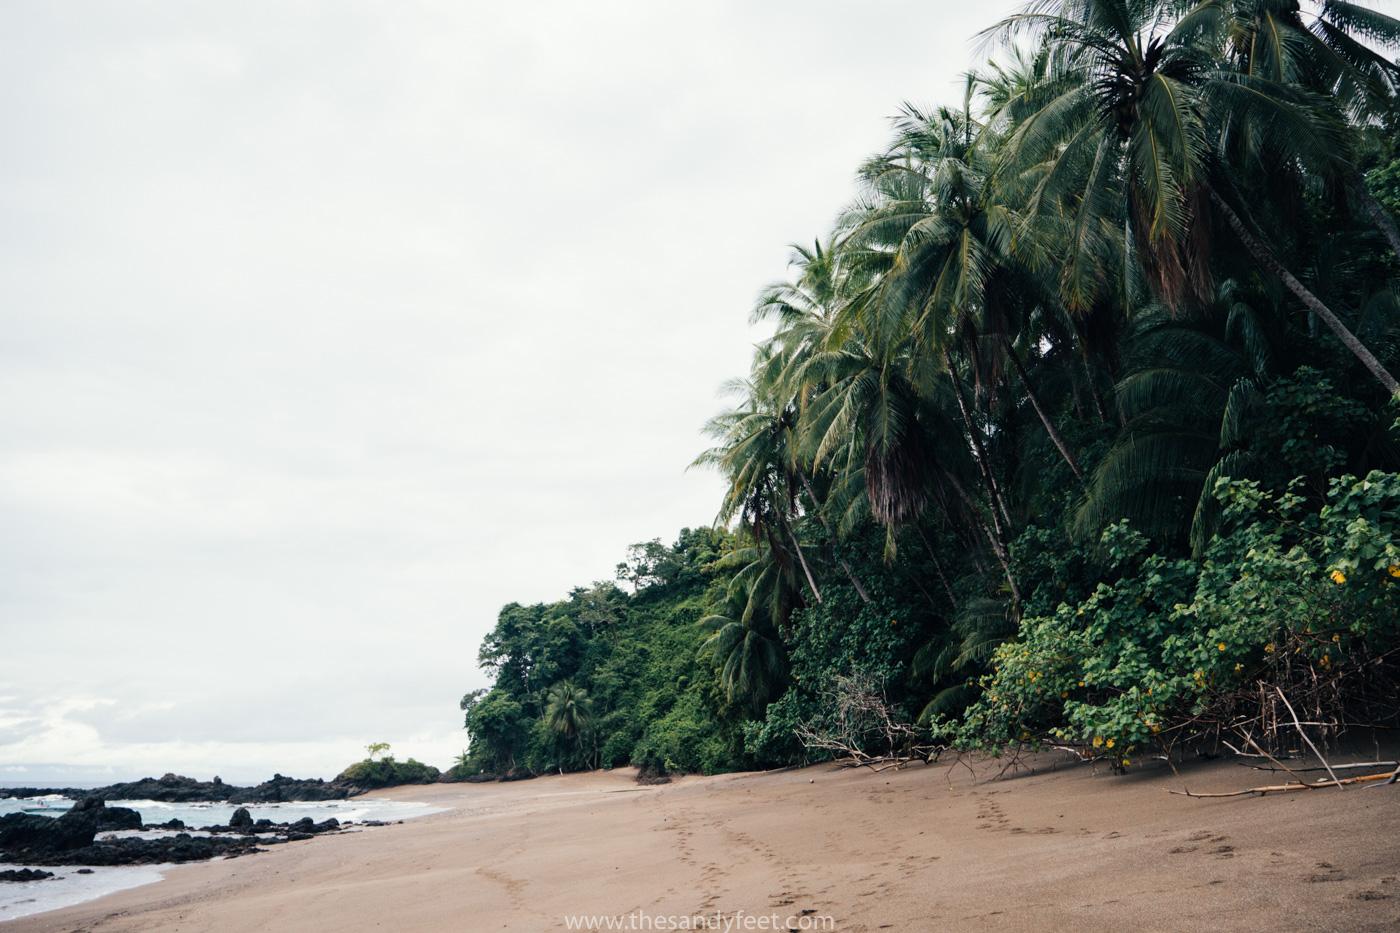 Volunteering | Volunteer overseas | Corcovado Costa Rica